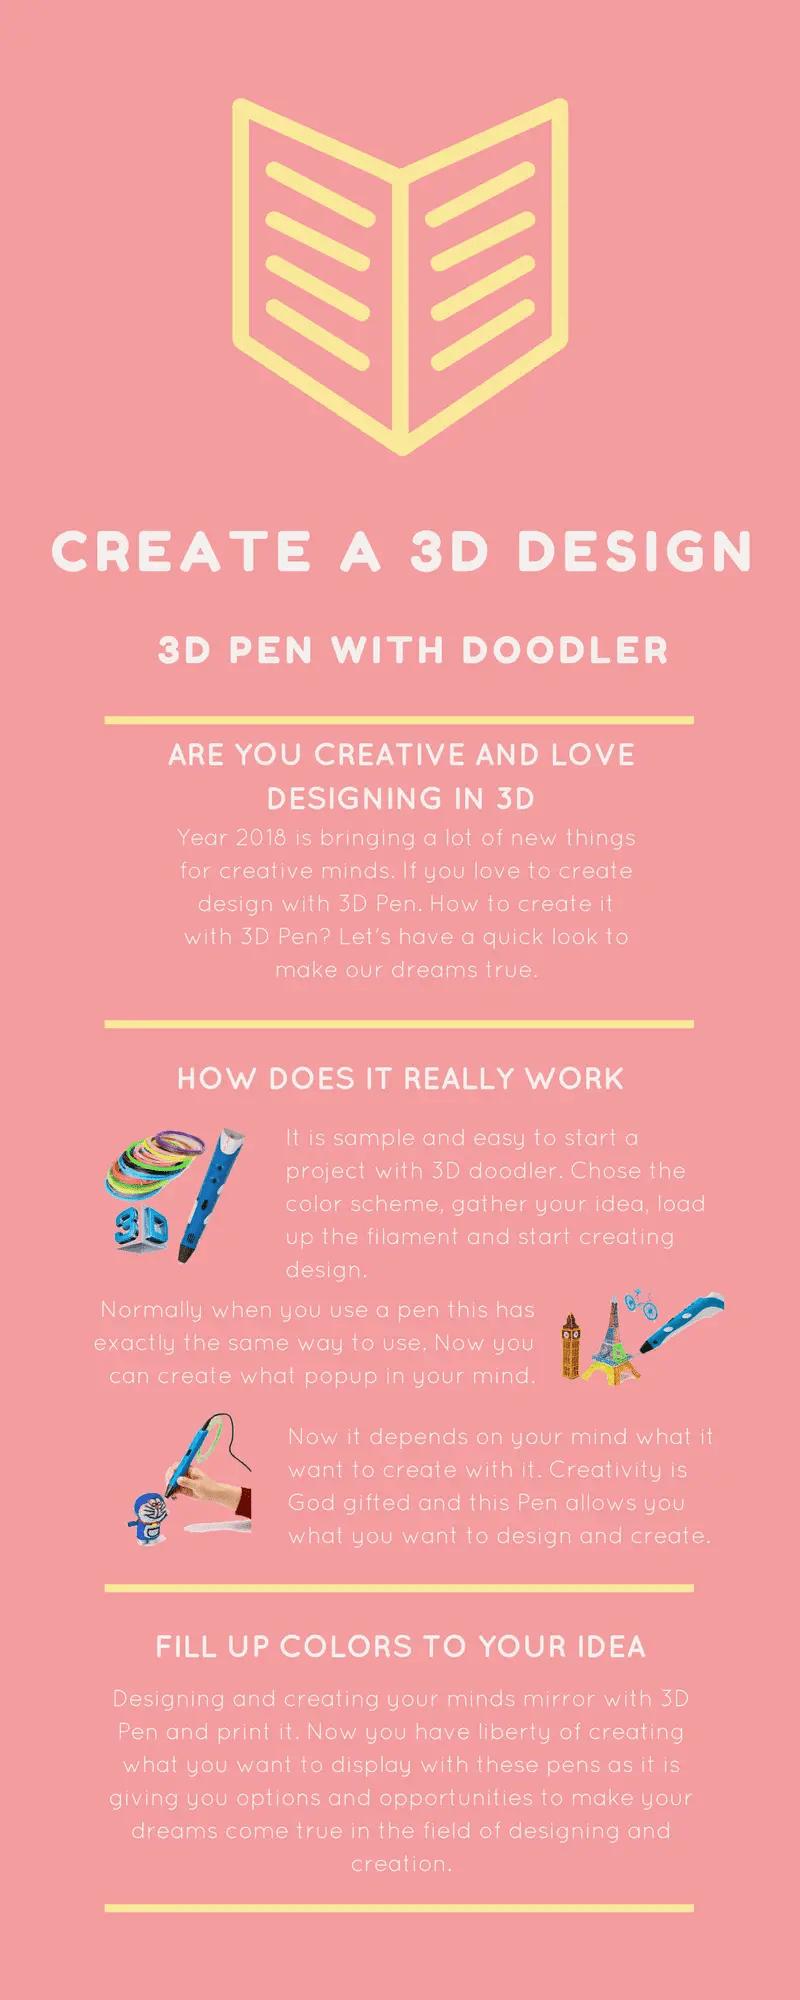 Best 3D pen 2018